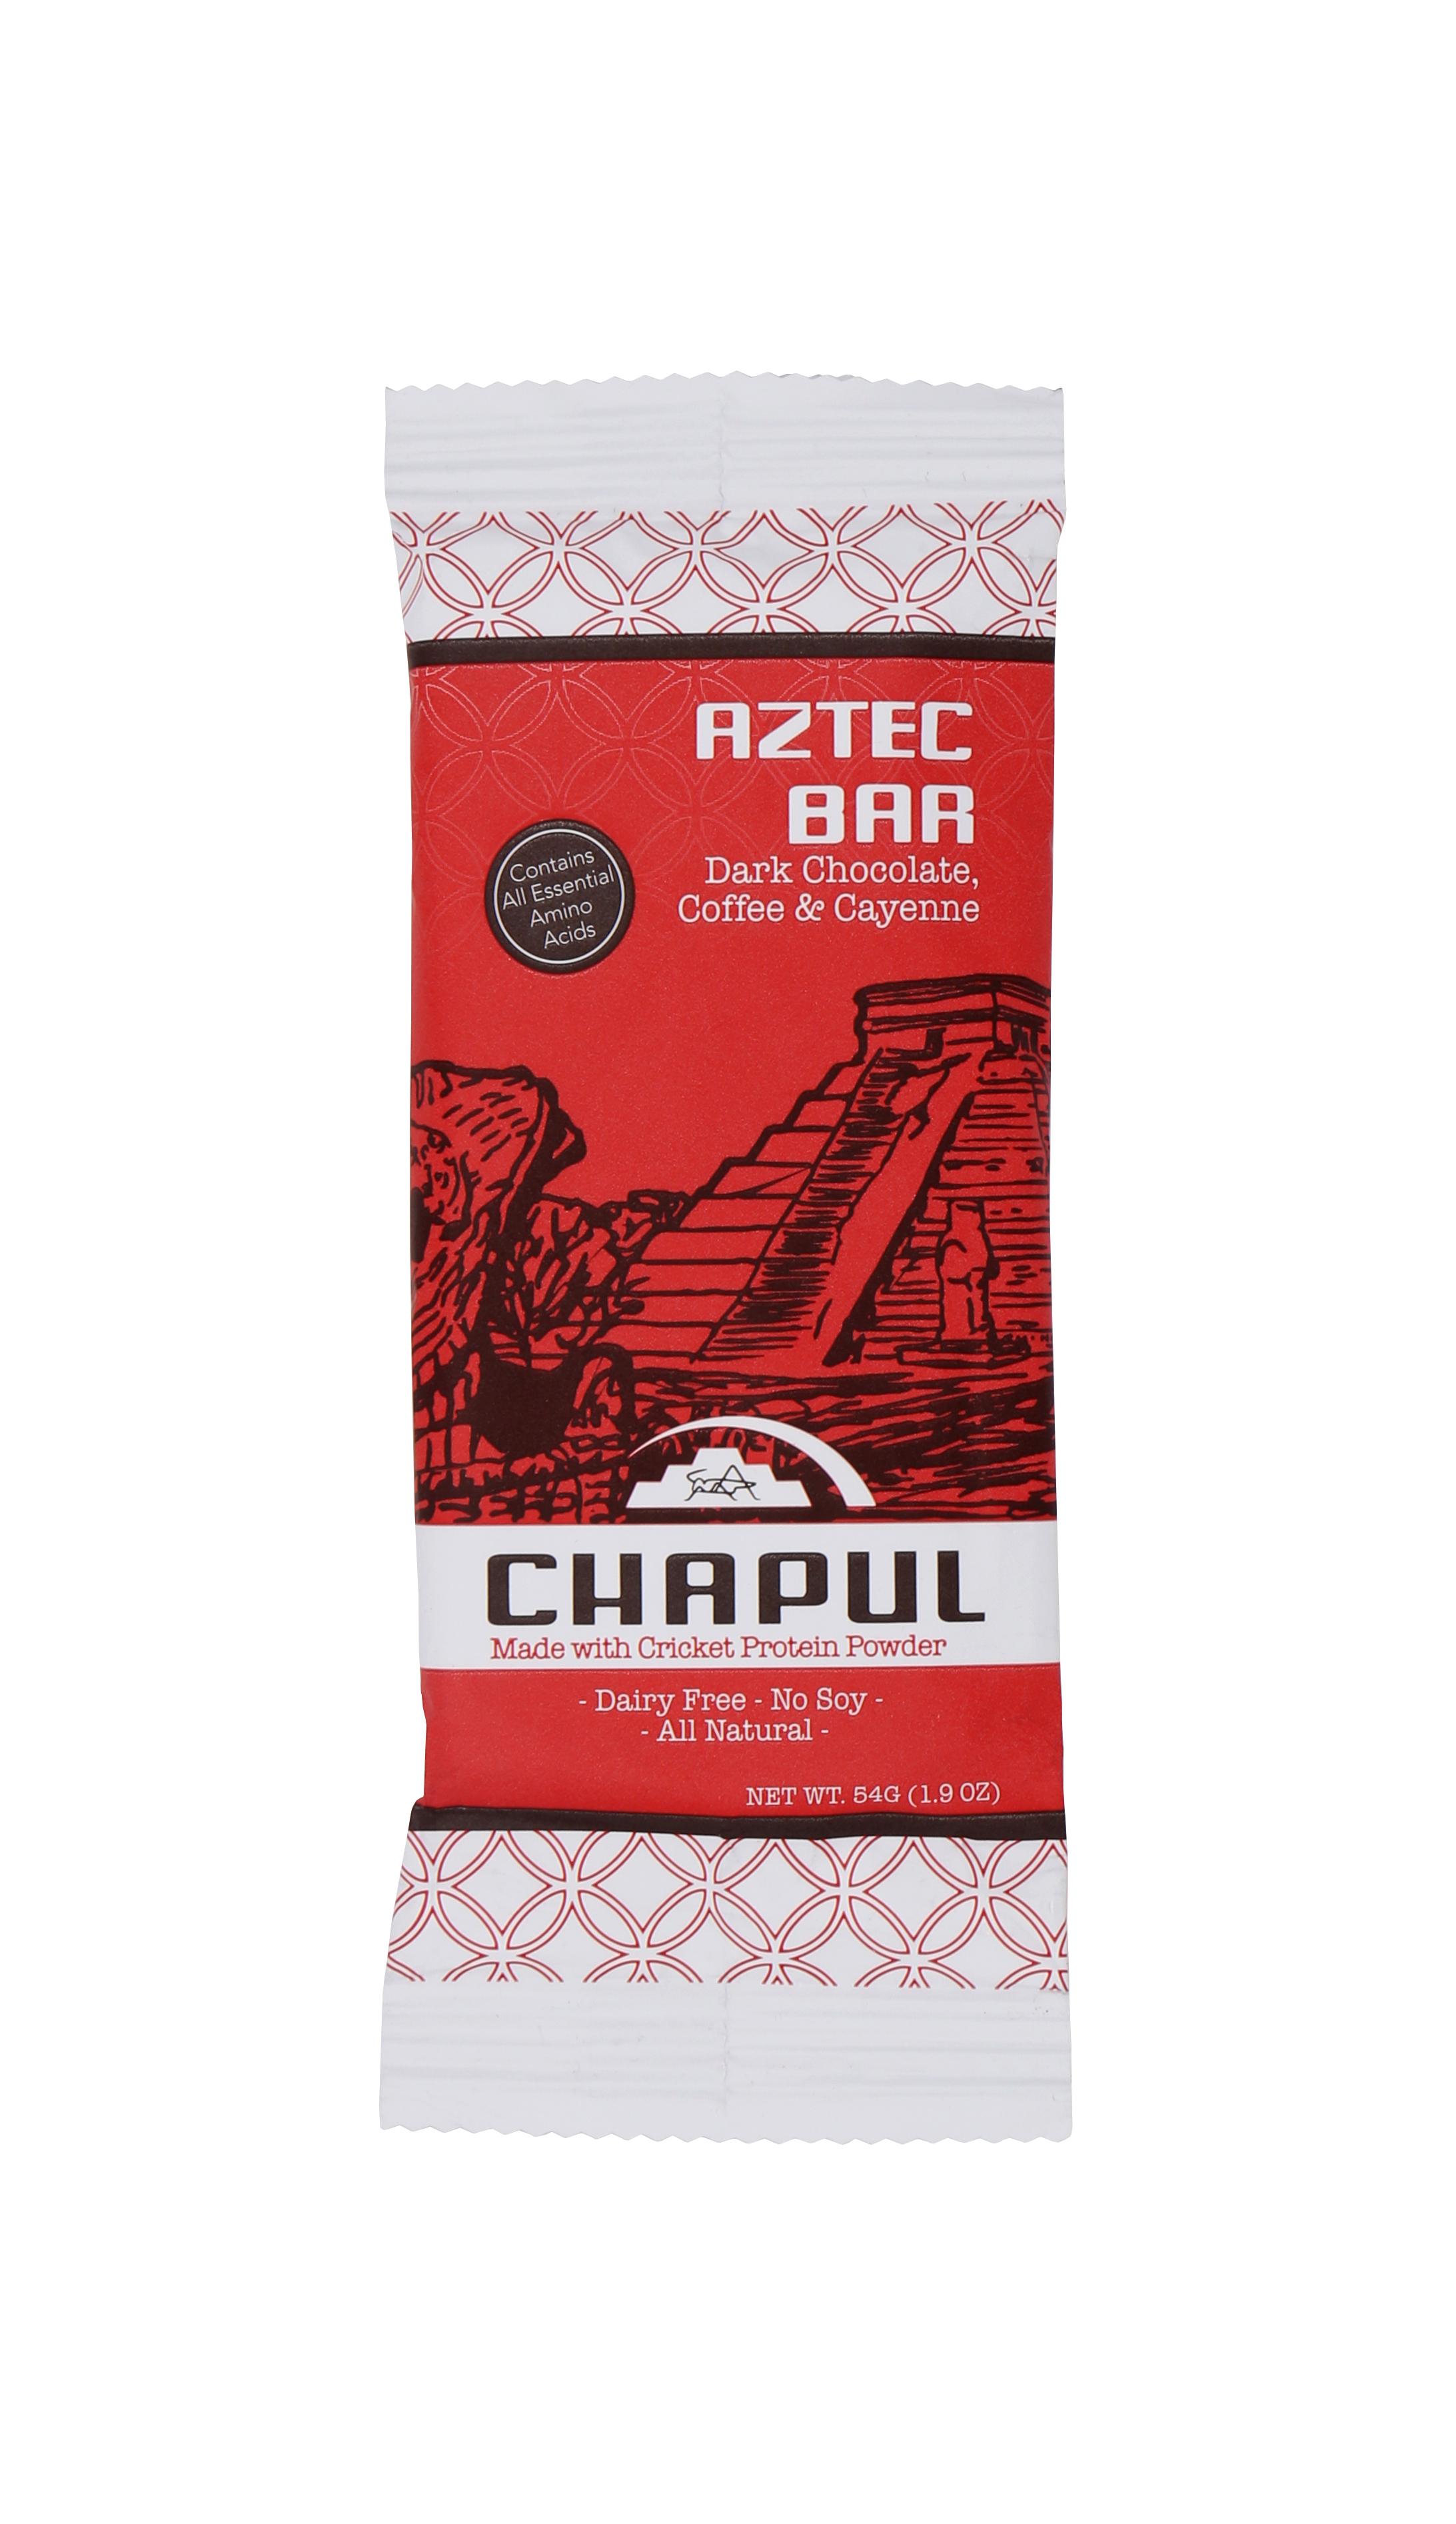 Aztec Bar